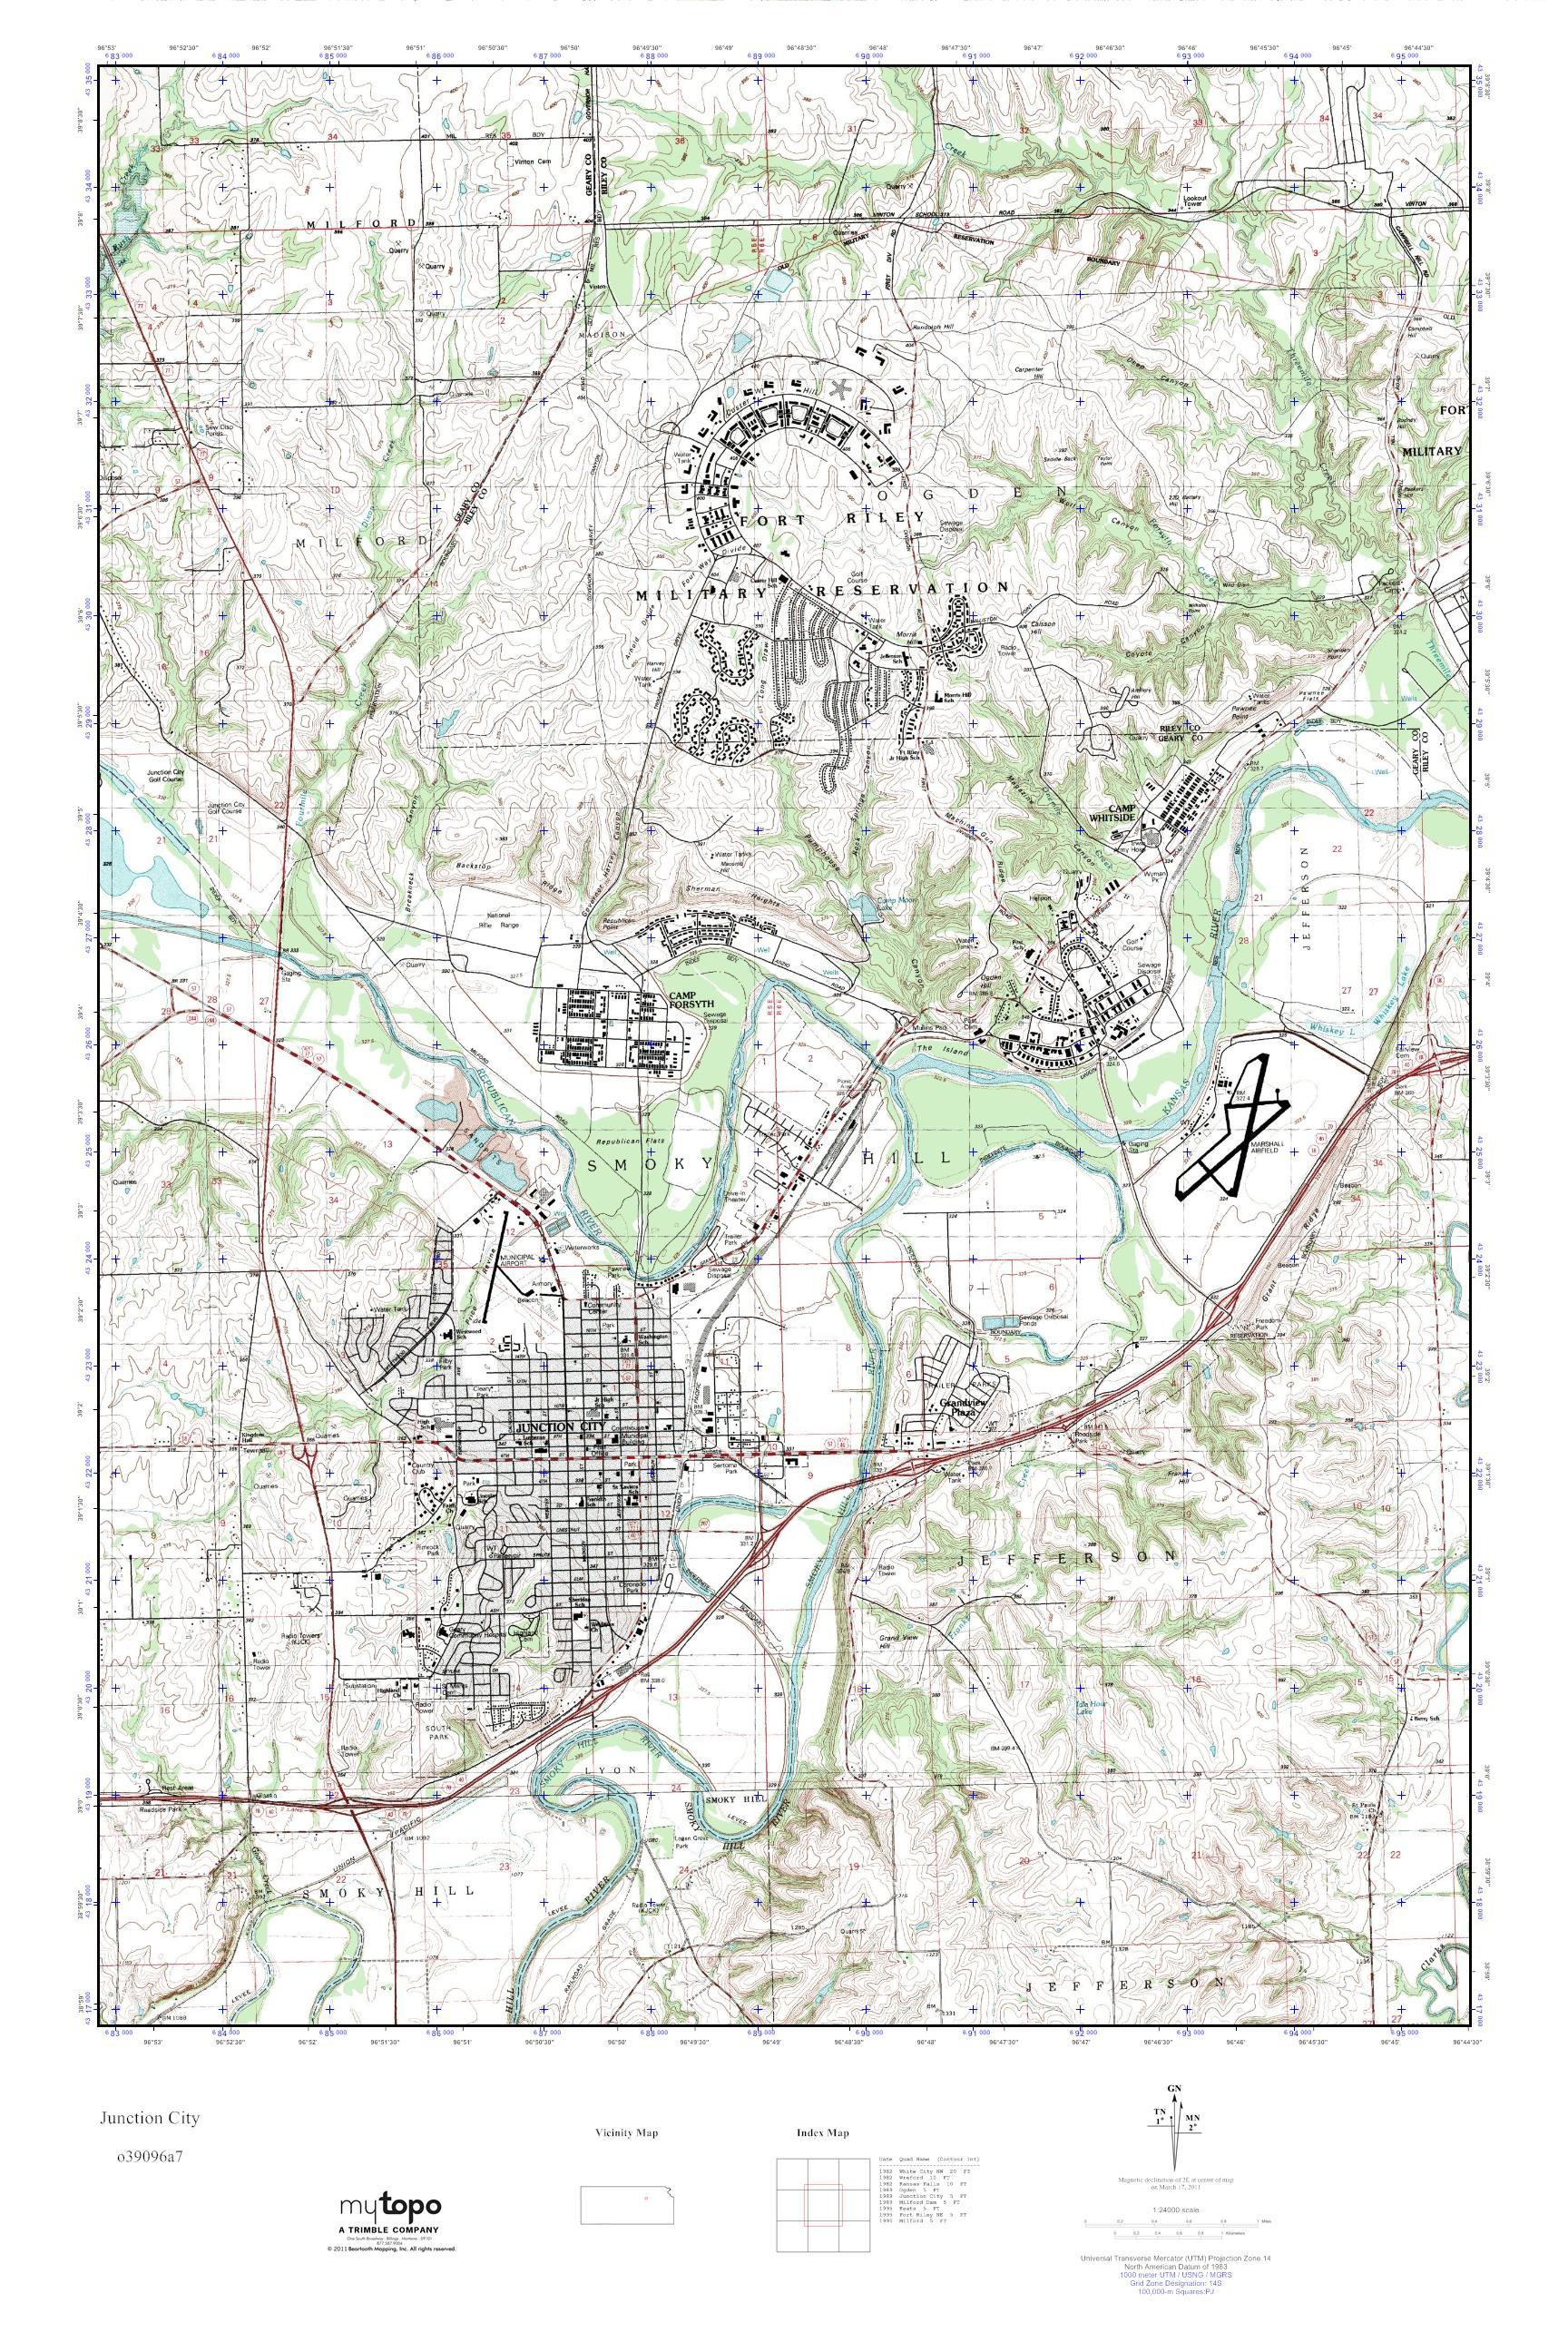 Junction City Kansas Map.Mytopo Junction City Kansas Usgs Quad Topo Map